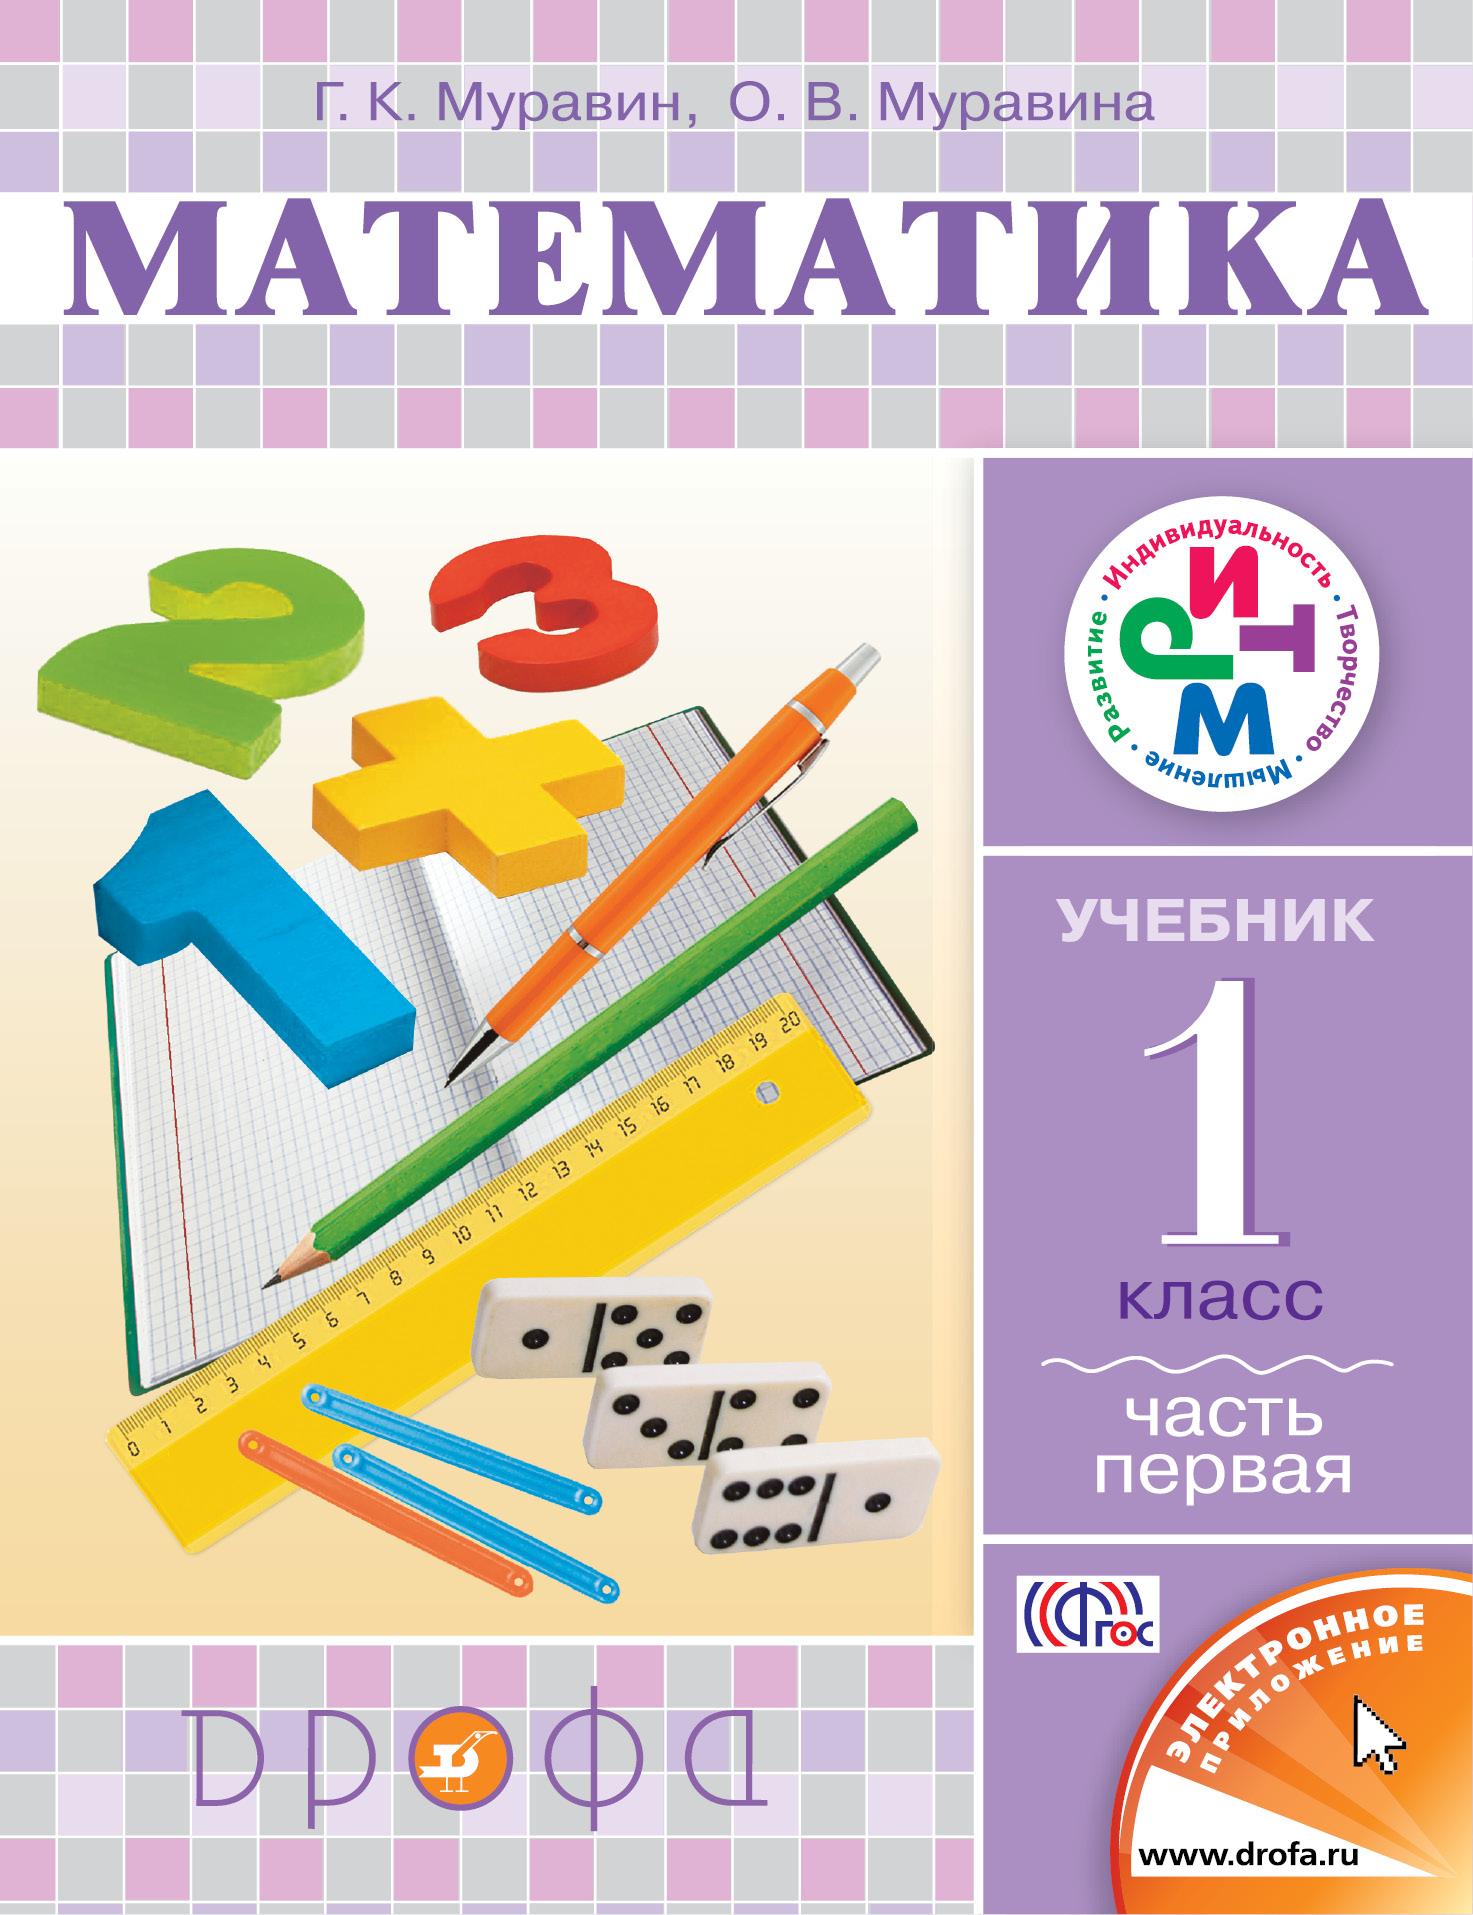 Математика 1кл [Учебник] Ч. 1 РИТМ ФП